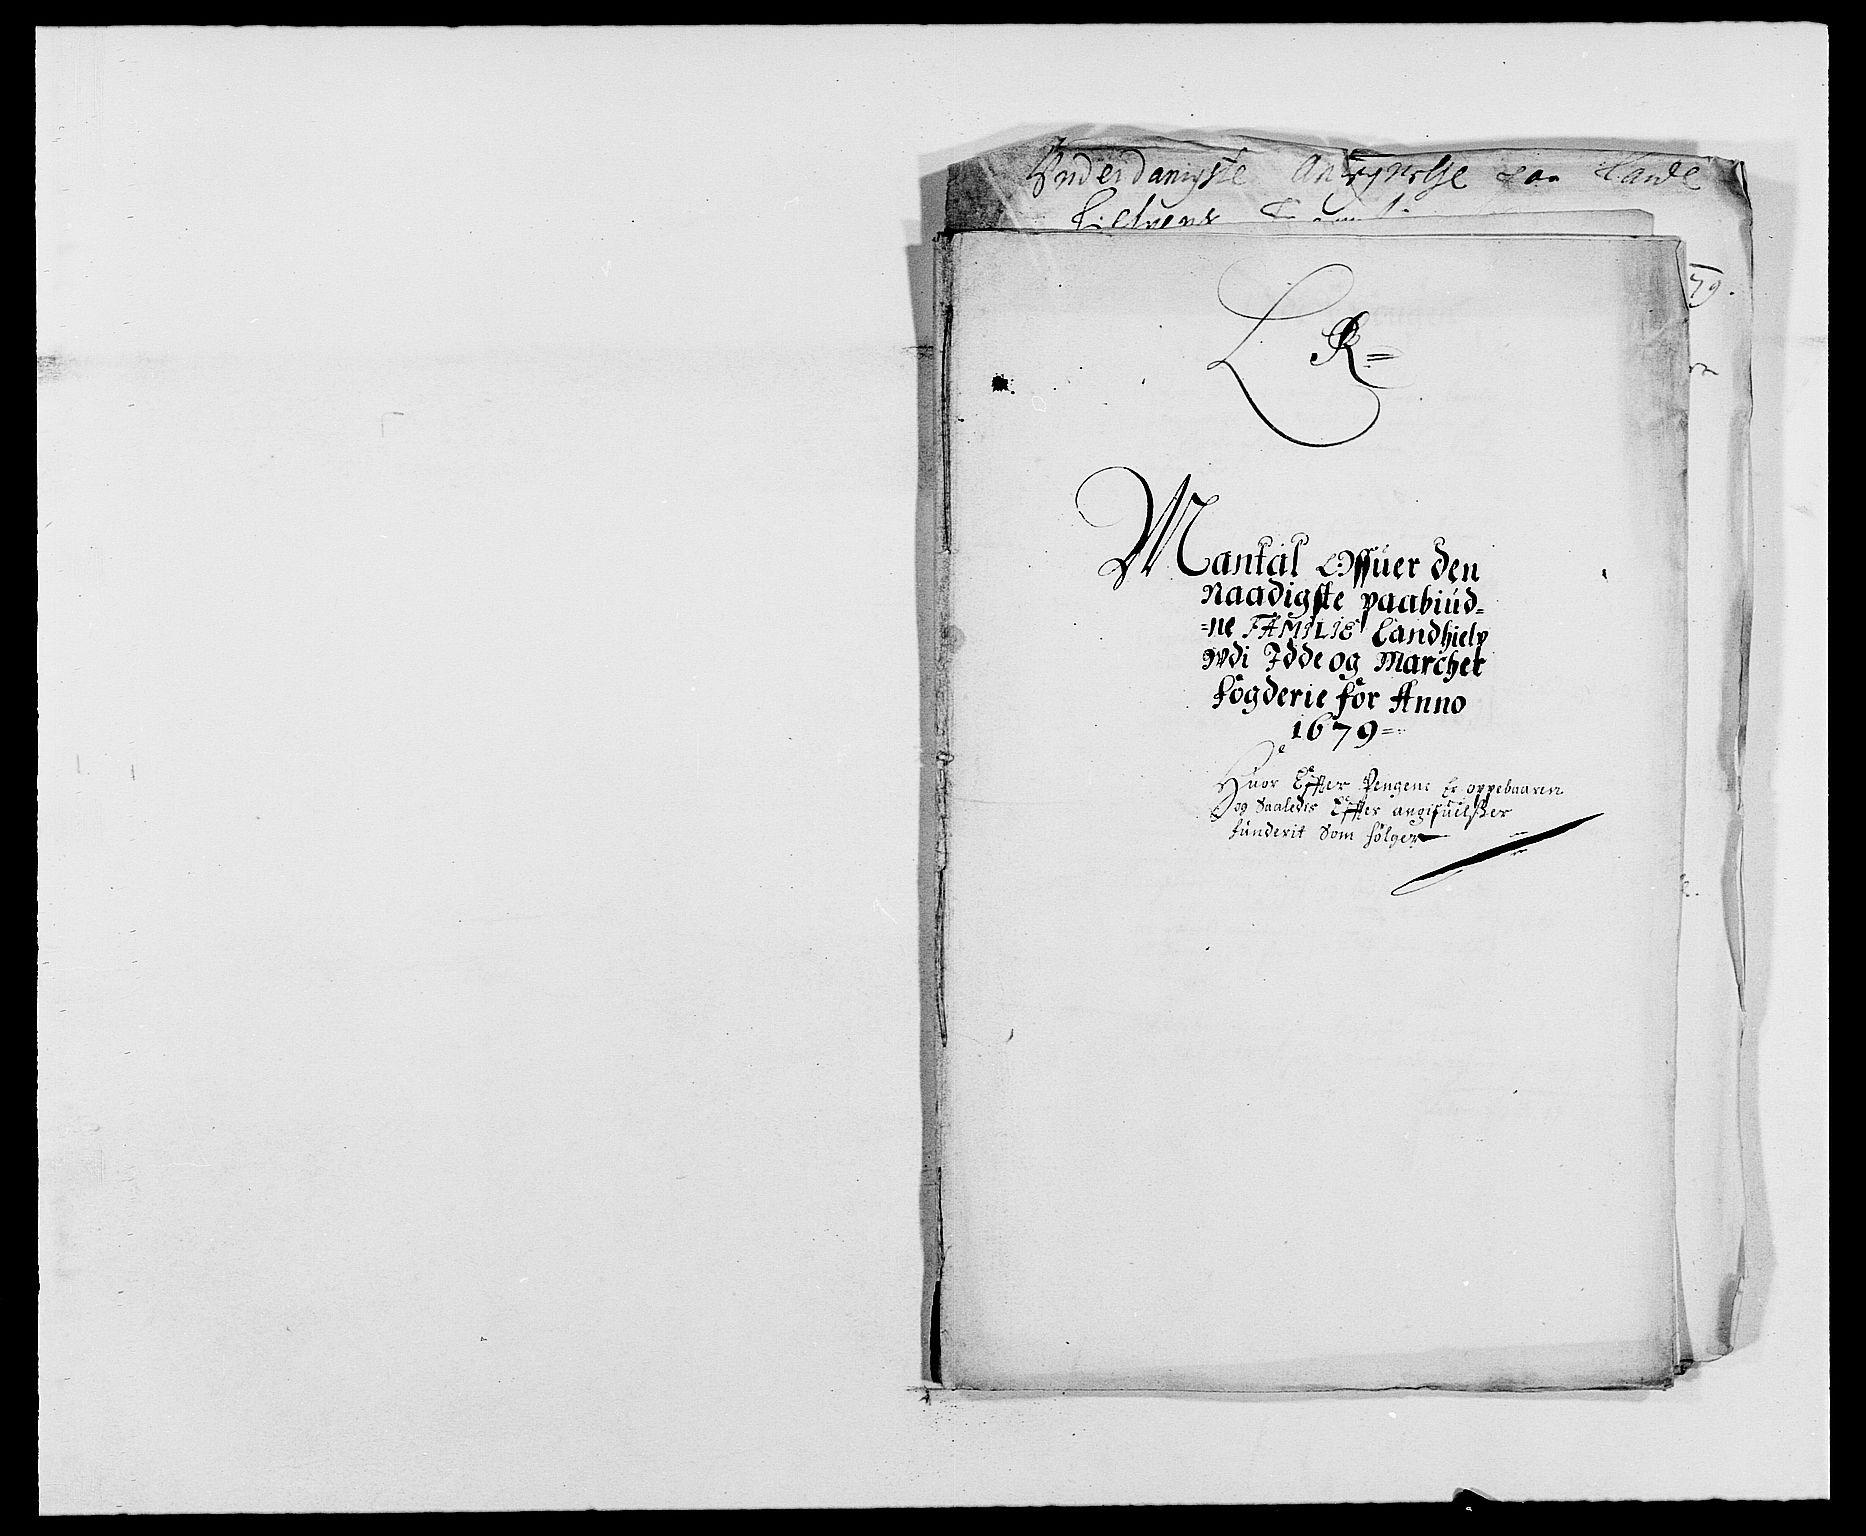 RA, Rentekammeret inntil 1814, Reviderte regnskaper, Fogderegnskap, R01/L0001: Fogderegnskap Idd og Marker, 1678-1679, s. 433